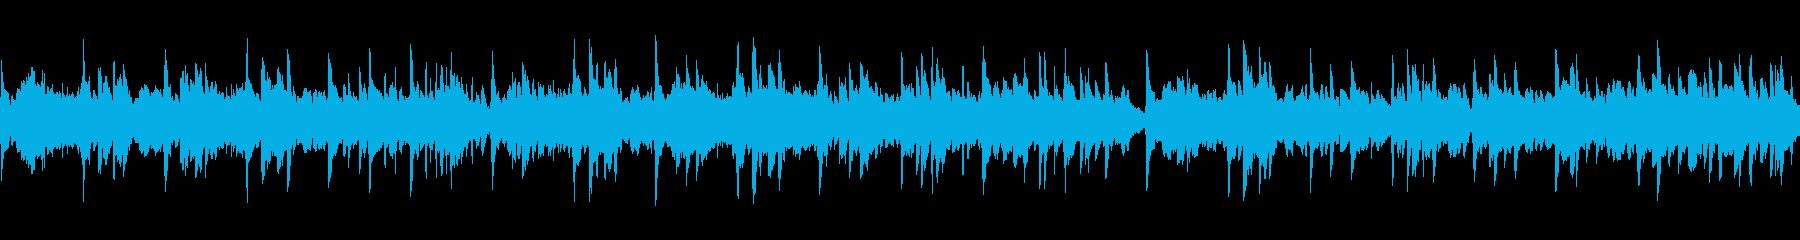 スライド・動画 シンプルなピアノ/ループの再生済みの波形